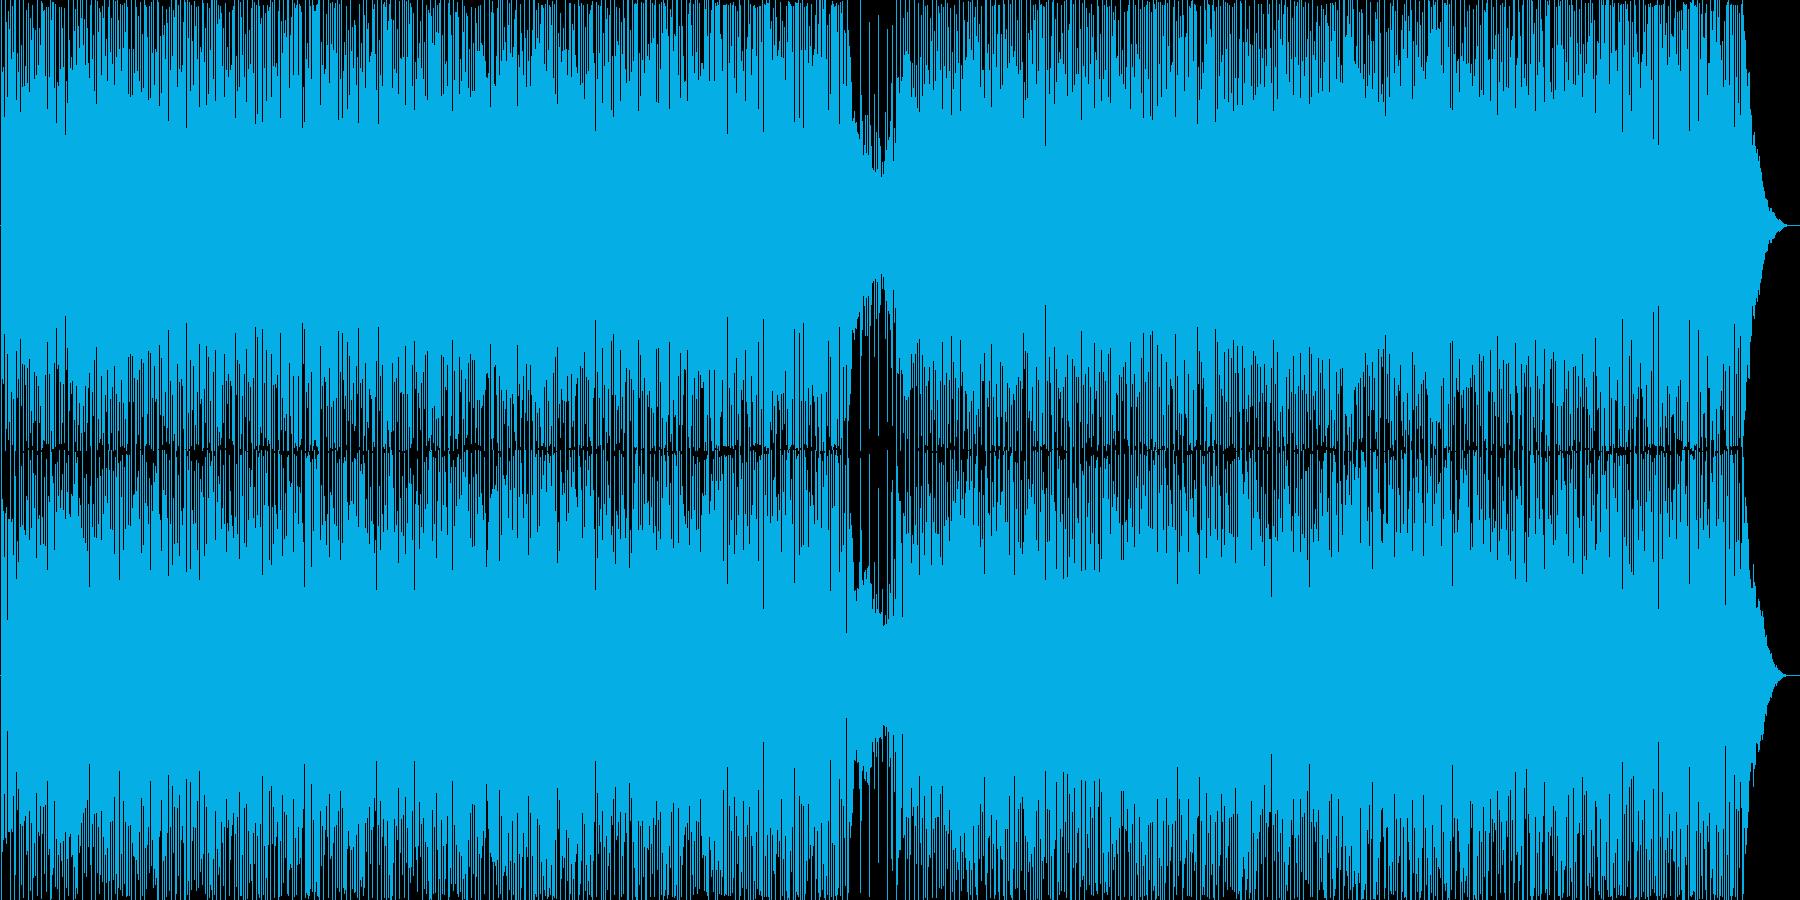 陽気でアップテンポなギターポップスの再生済みの波形